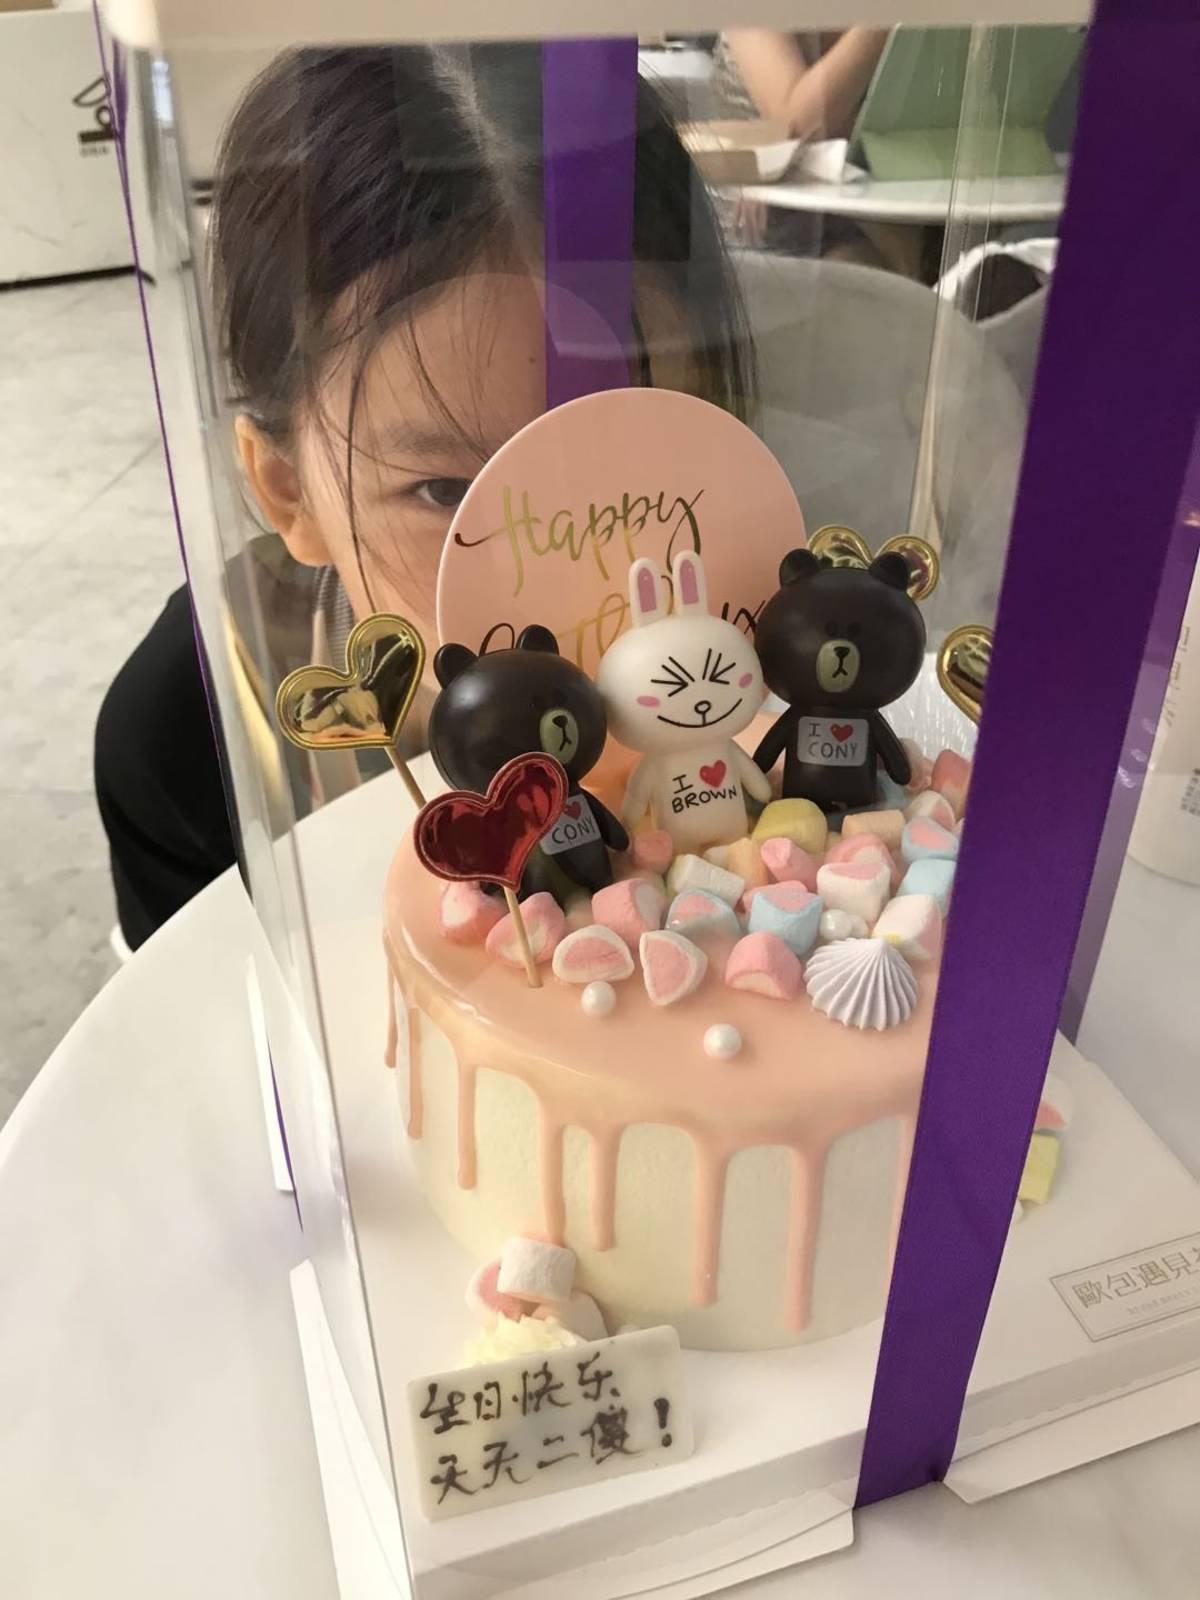 姐姐说她蛋糕最俗,多多说她的蛋糕最好看!  我觉得谁过生日谁的蛋糕好看!